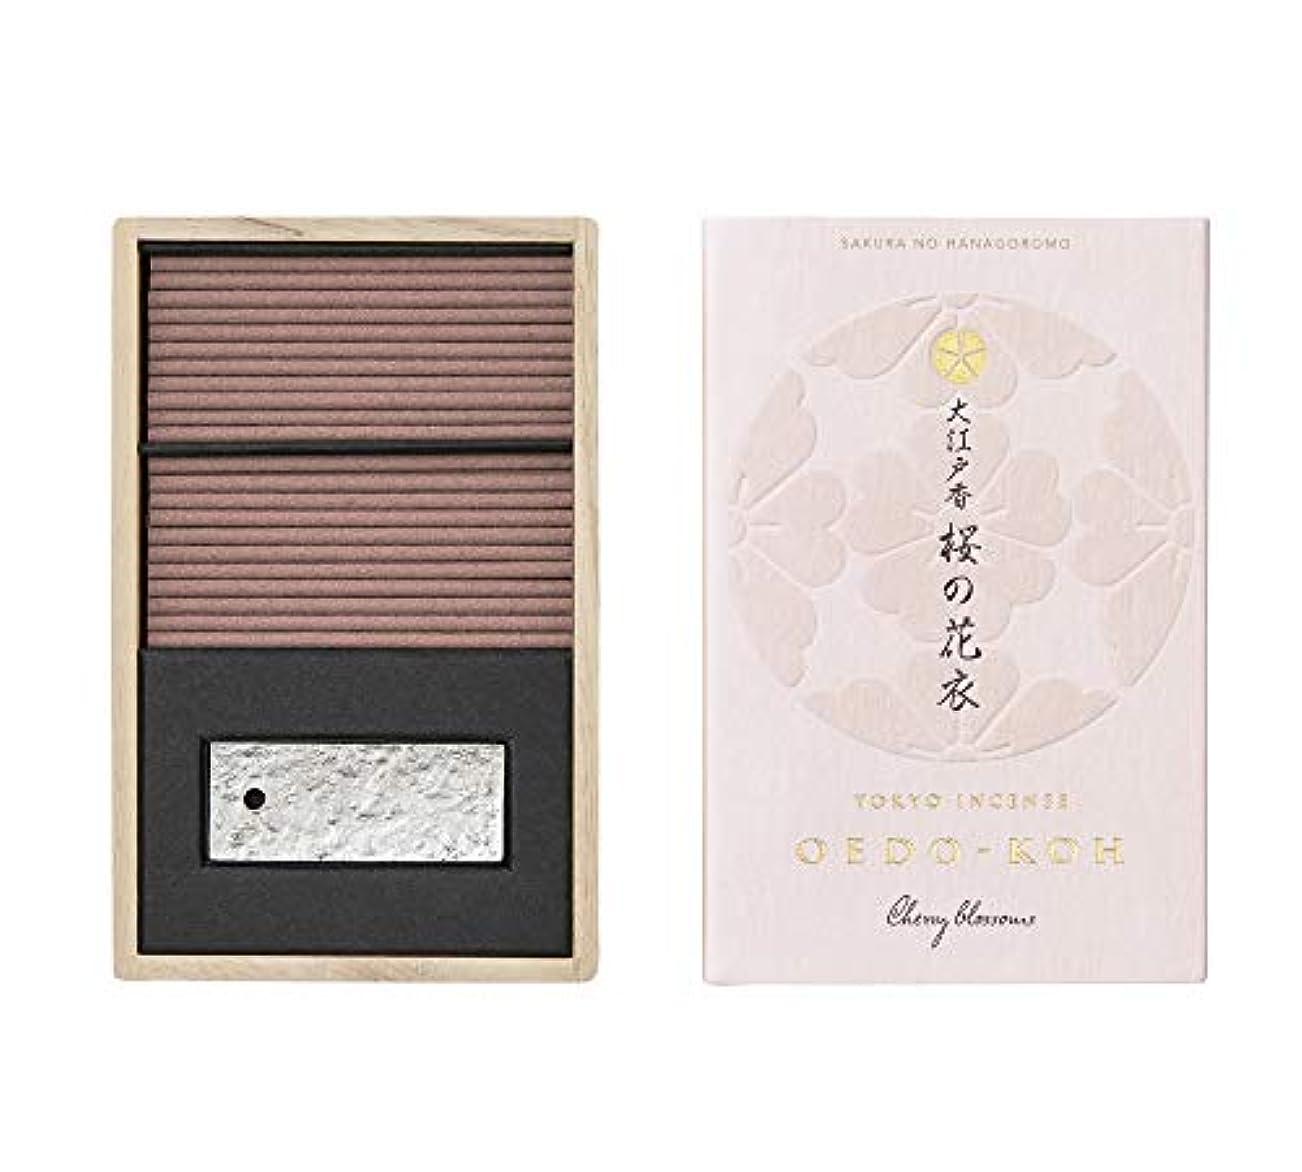 同じ破壊的文句を言う日本香堂 大江戸香 桜の花衣(さくらのはなごろも) スティック60本入 香立付